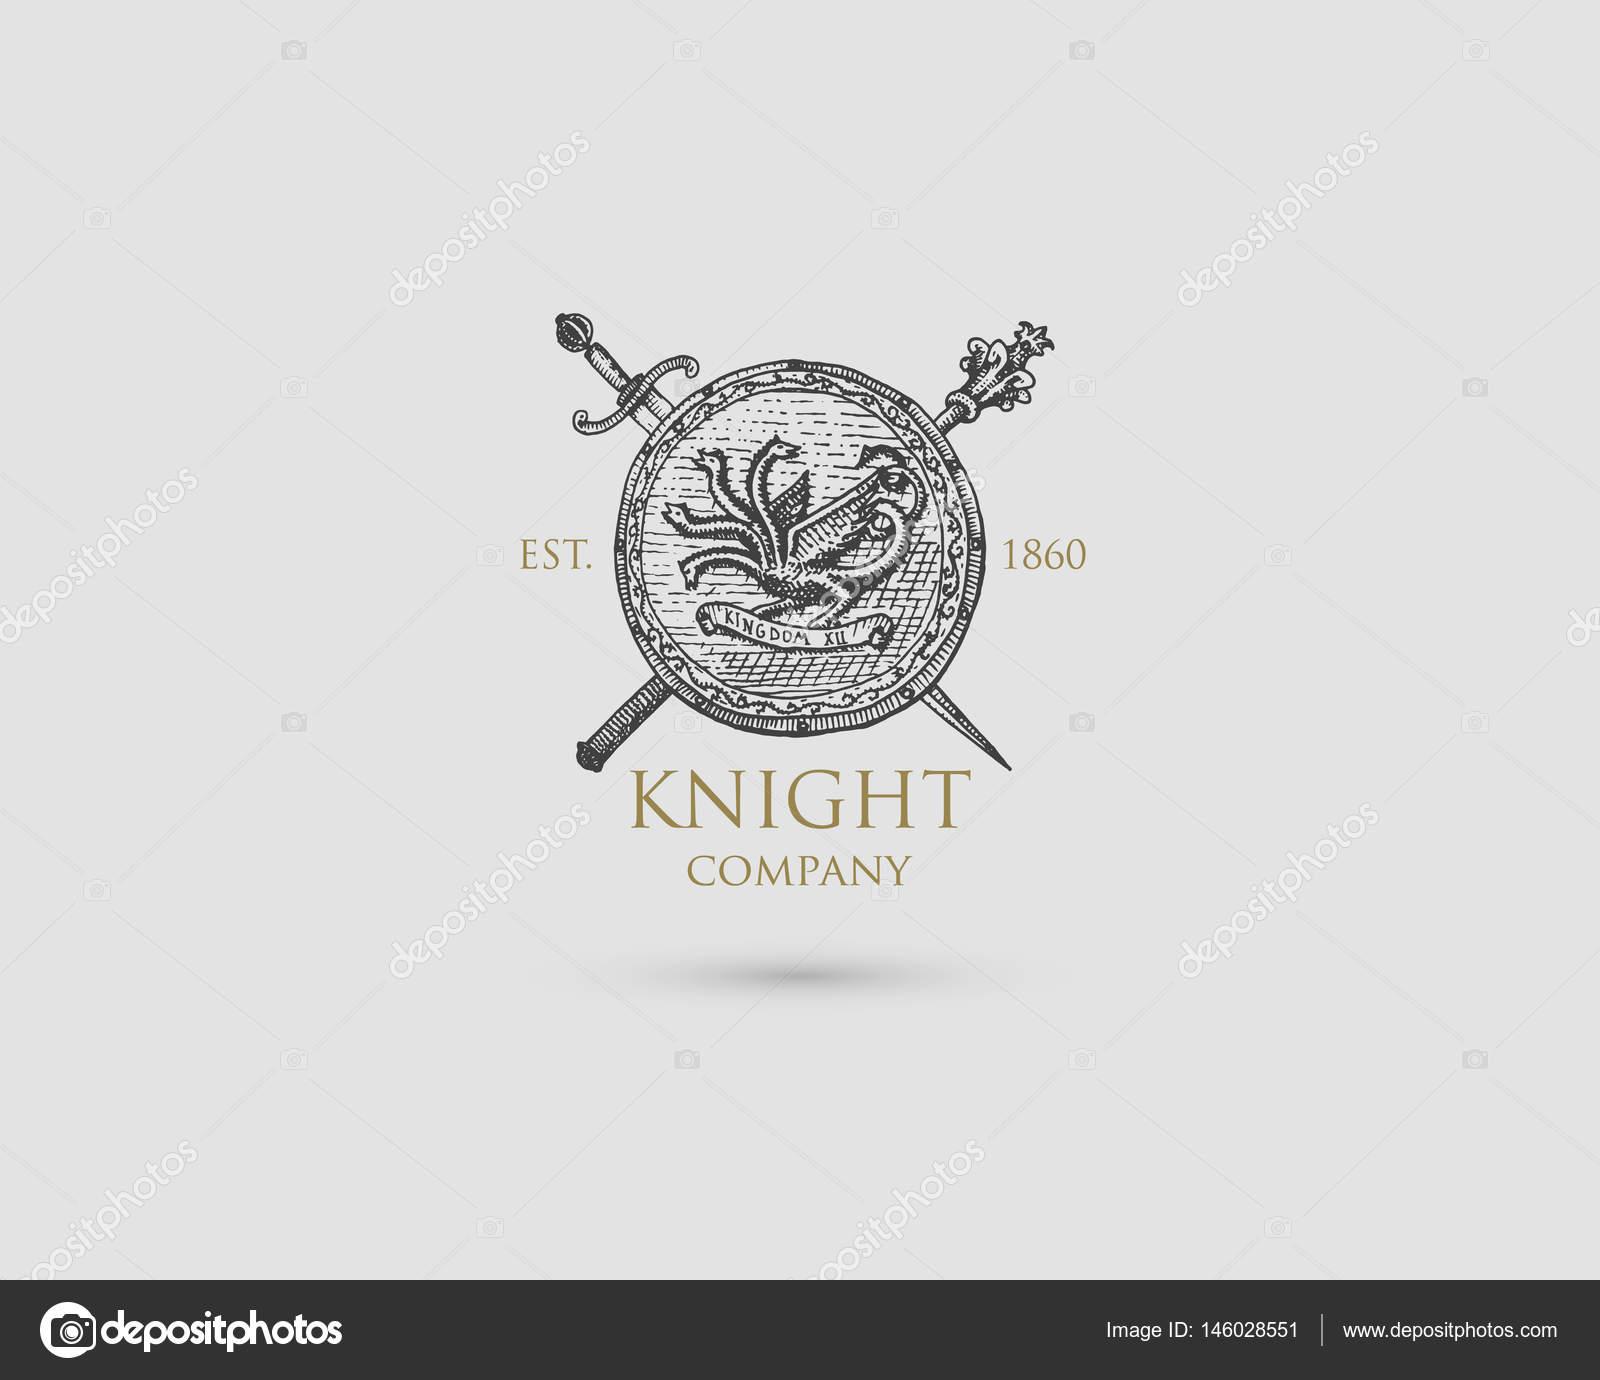 con espada, cuchillo y mace insignia, símbolo vintage antiguo ...